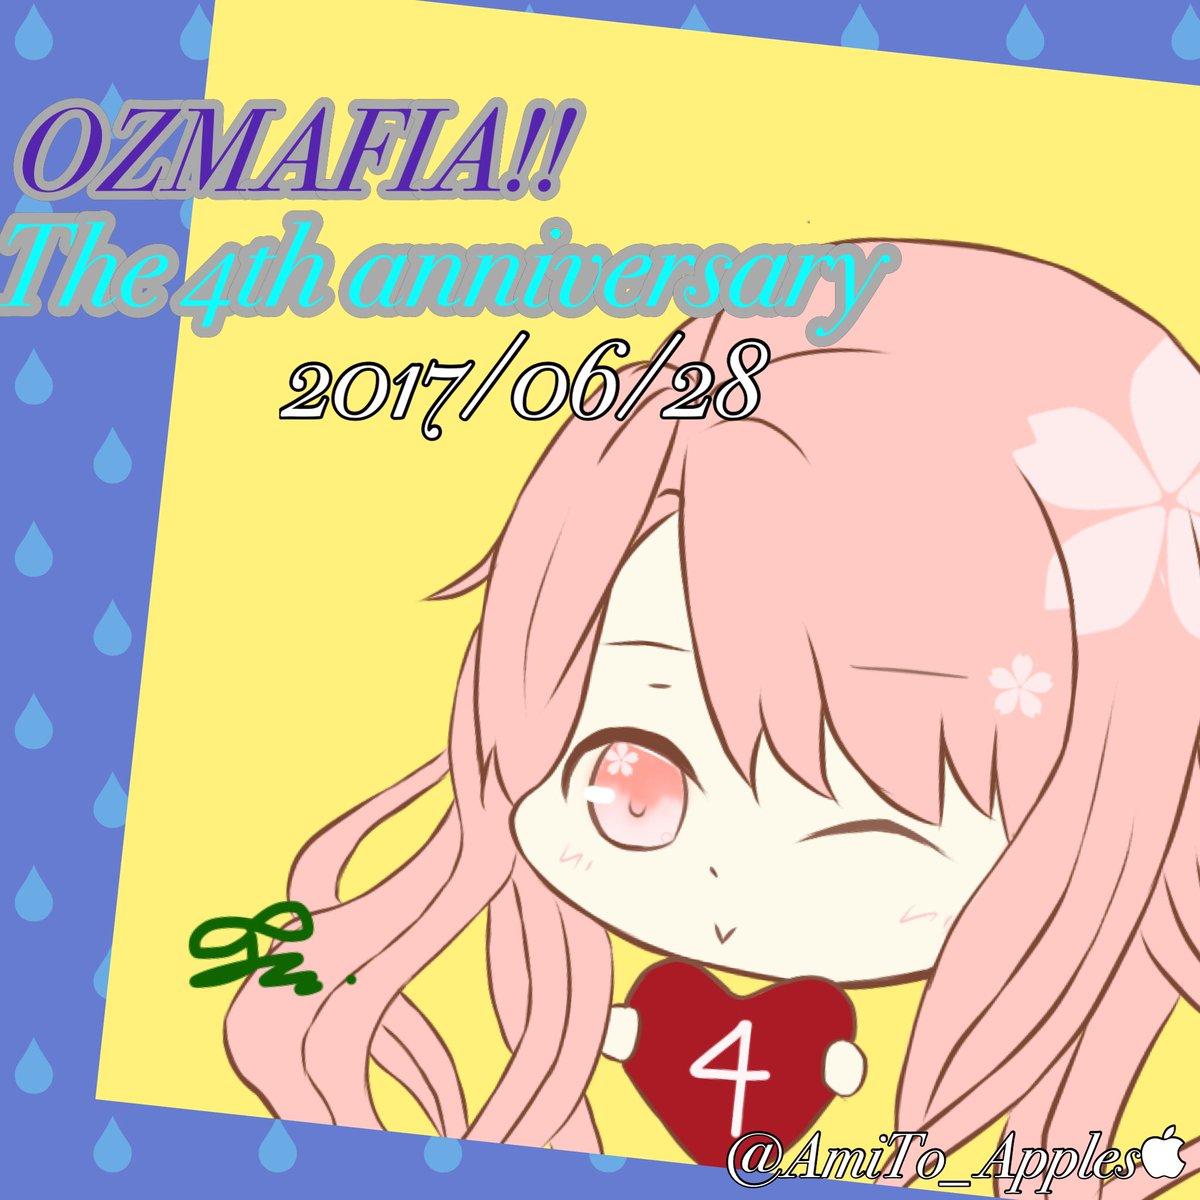 OZMAFIA!!4周年おめでとうございます🎊Vita化、アニメ化、カフェコラボ、オズイベ、ぐだれでぃ、沢山の大好きが4